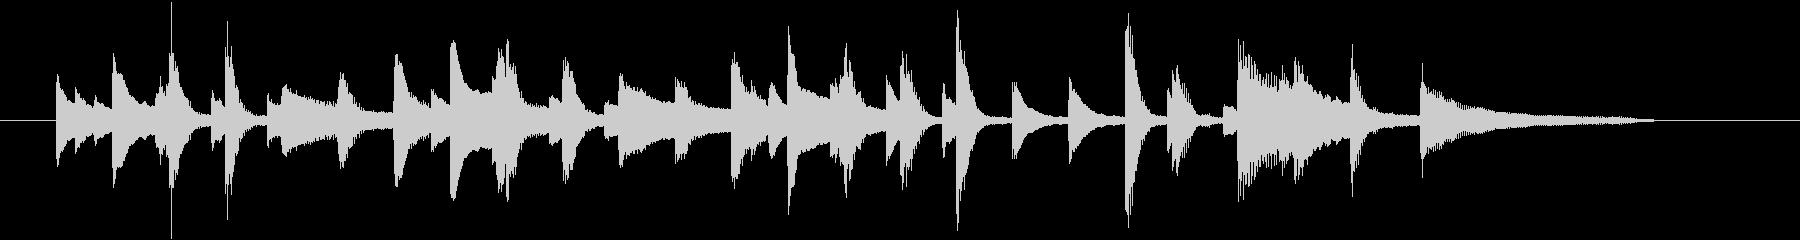 ピアノの明るく軽快なジングル002の未再生の波形